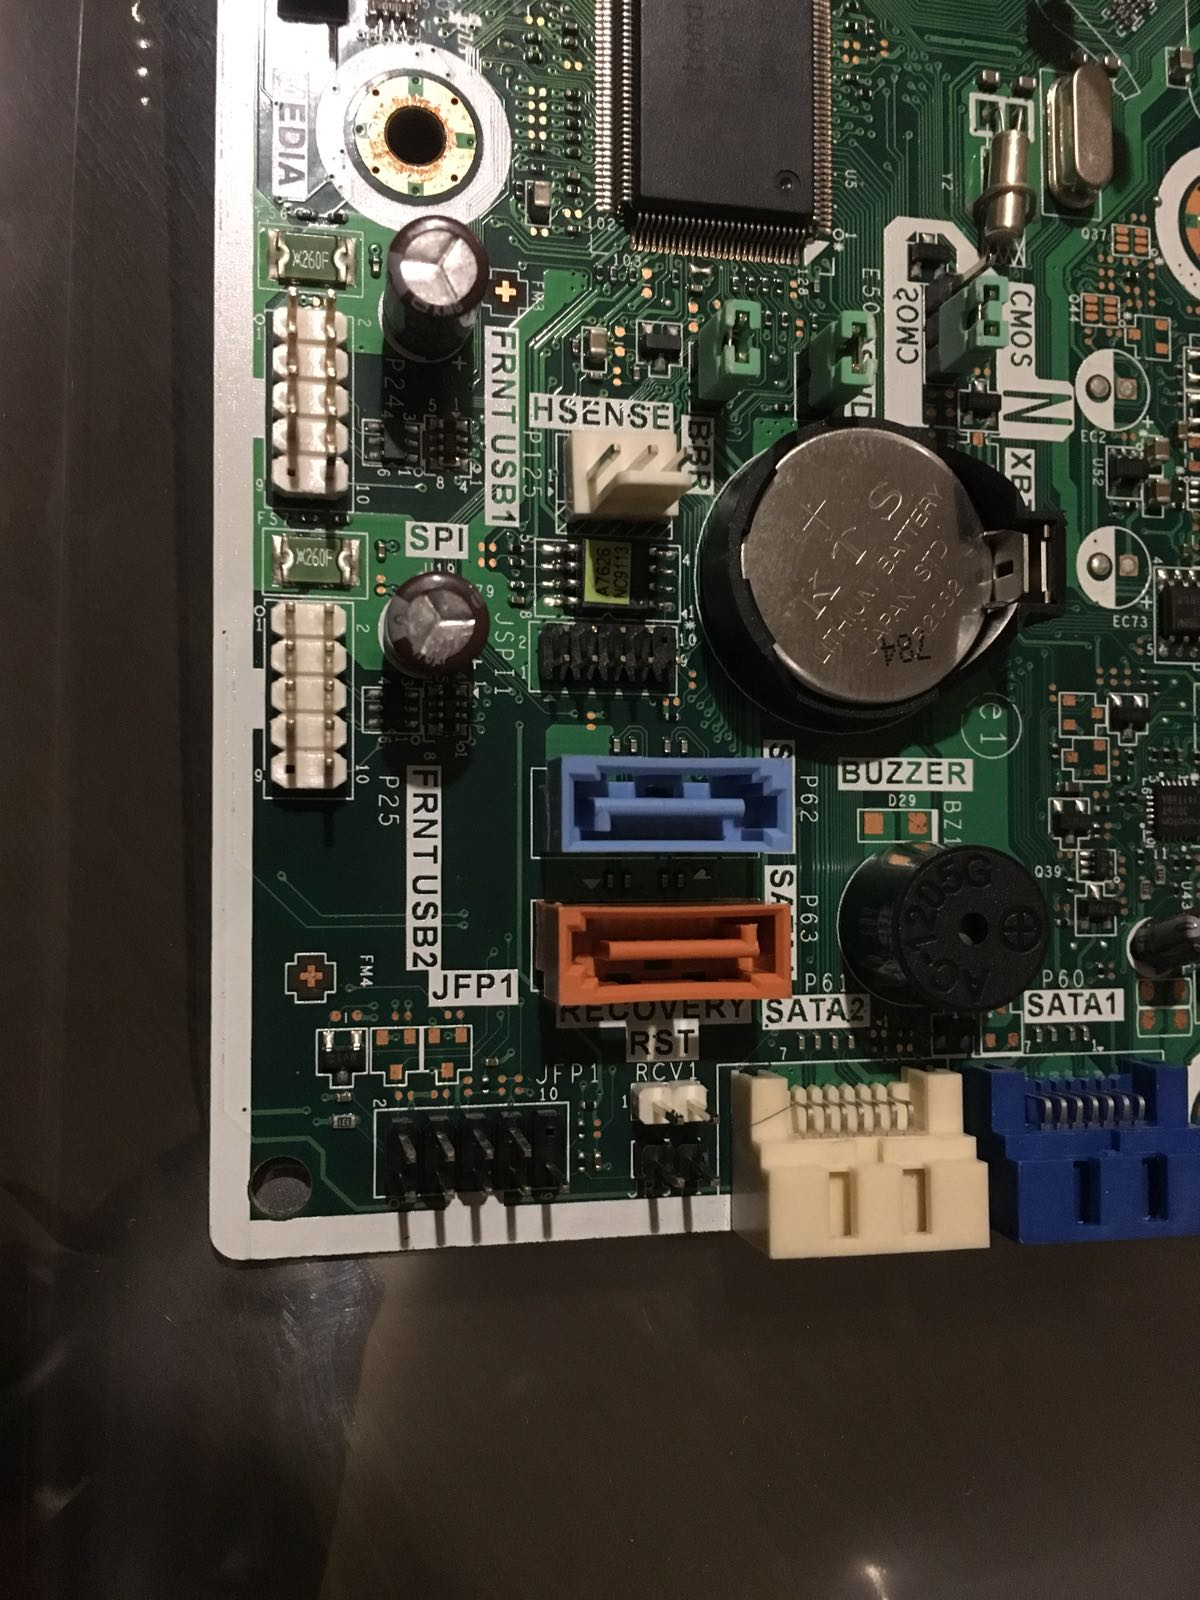 Front Panel Motherboard : front, panel, motherboard, Front, Panel, Connectors?, Motherboard), Tom's, Hardware, Forum